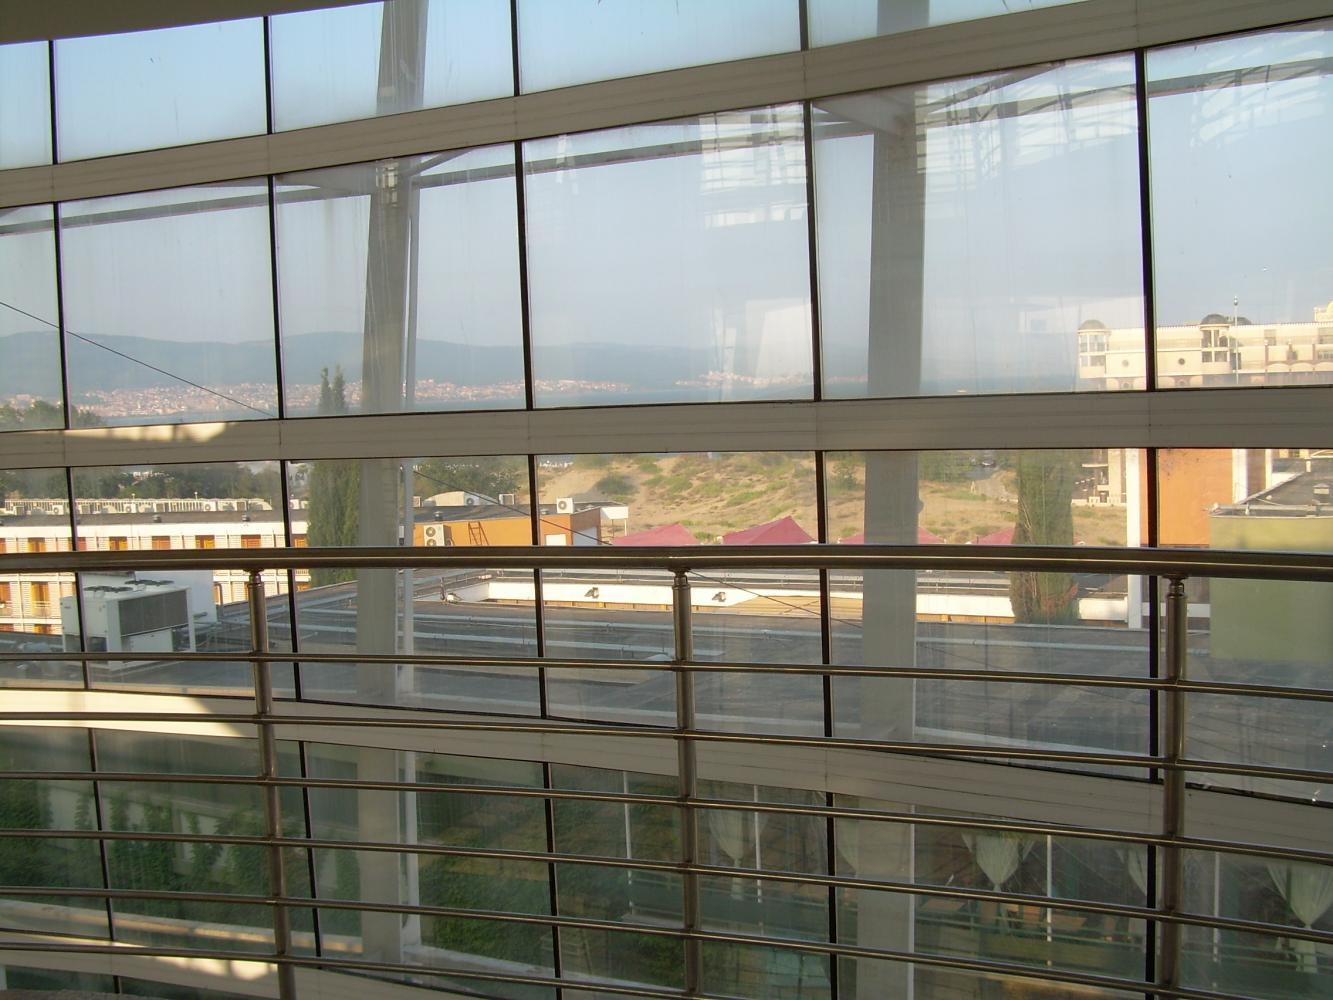 Вид через стеклянные стены отеля